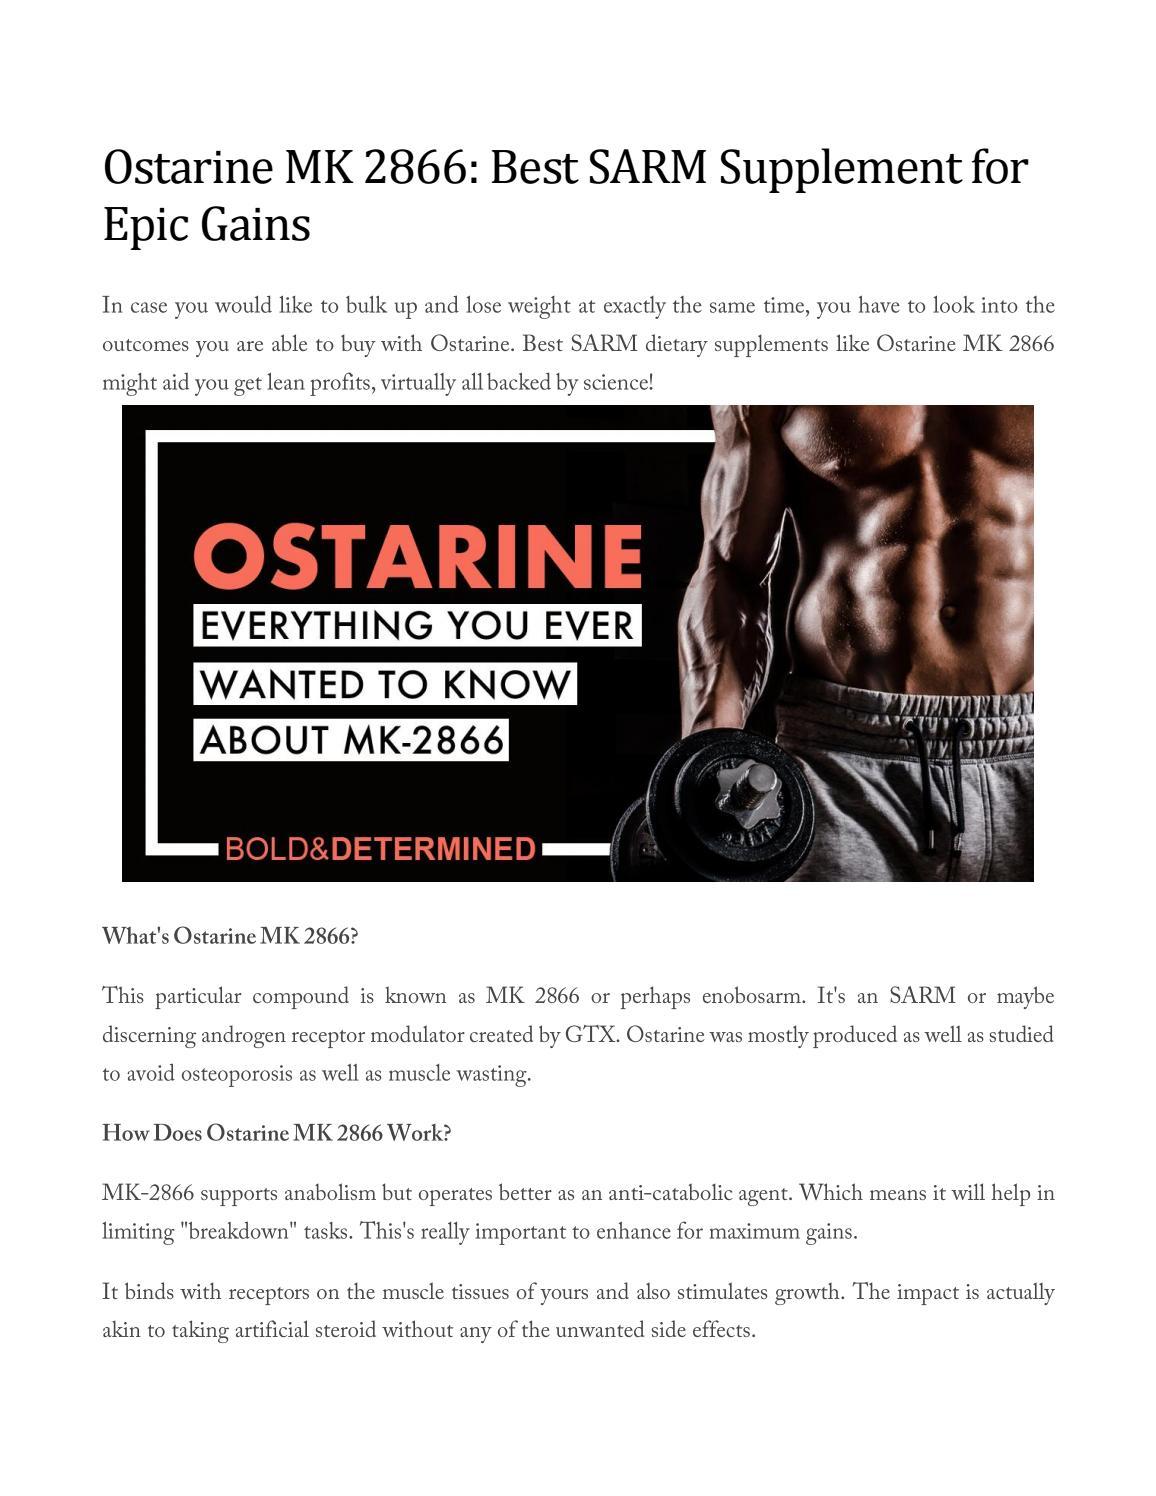 Ostarine mk 2866 best sarm supplement for epic gains by